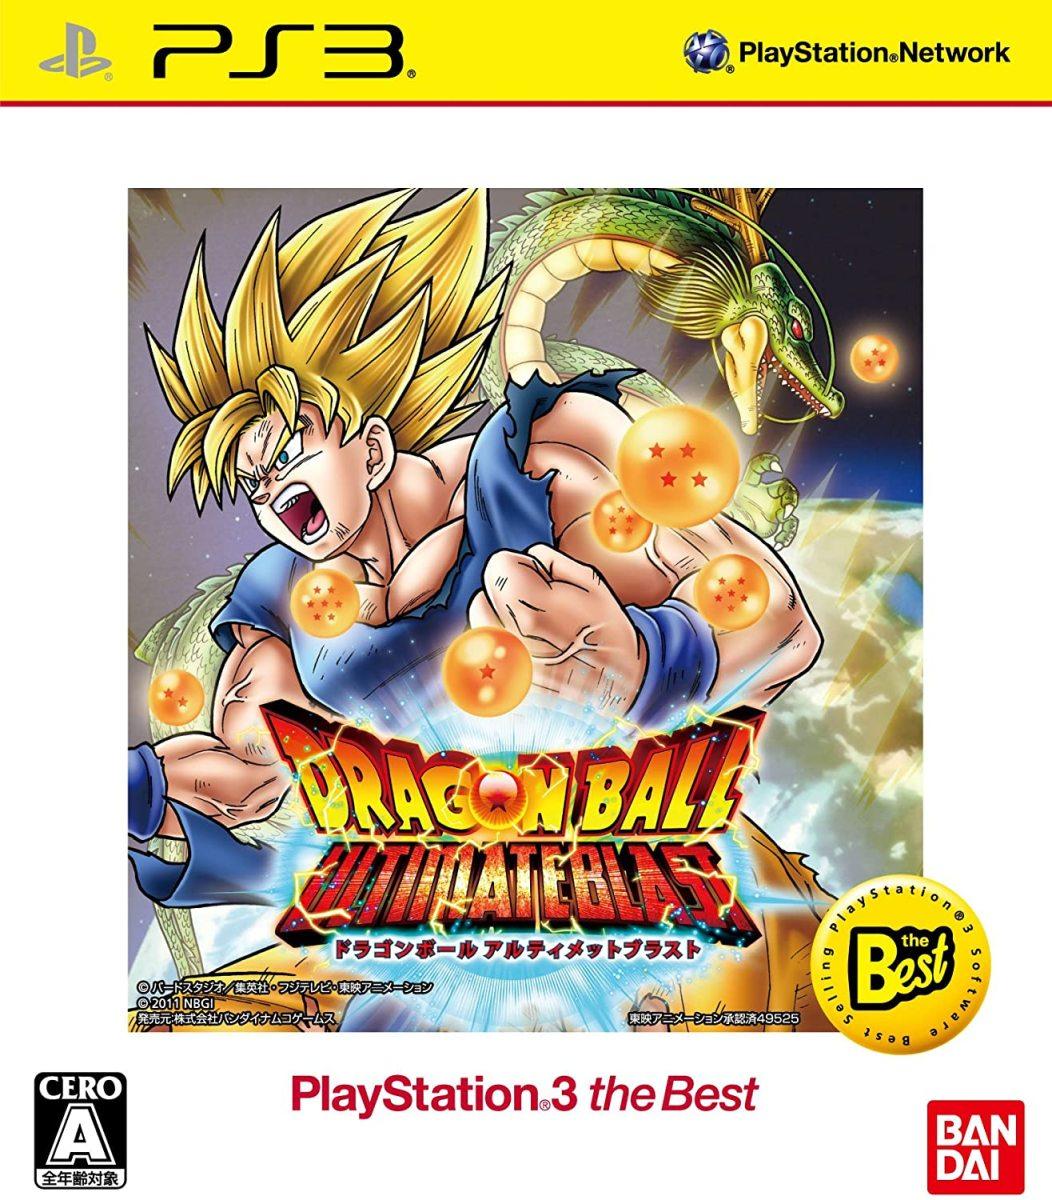 【PS3】バンダイナムコエンターテインメント ドラゴンボール アルティメットブラス [PS3 the Best]の商品画像 ナビ